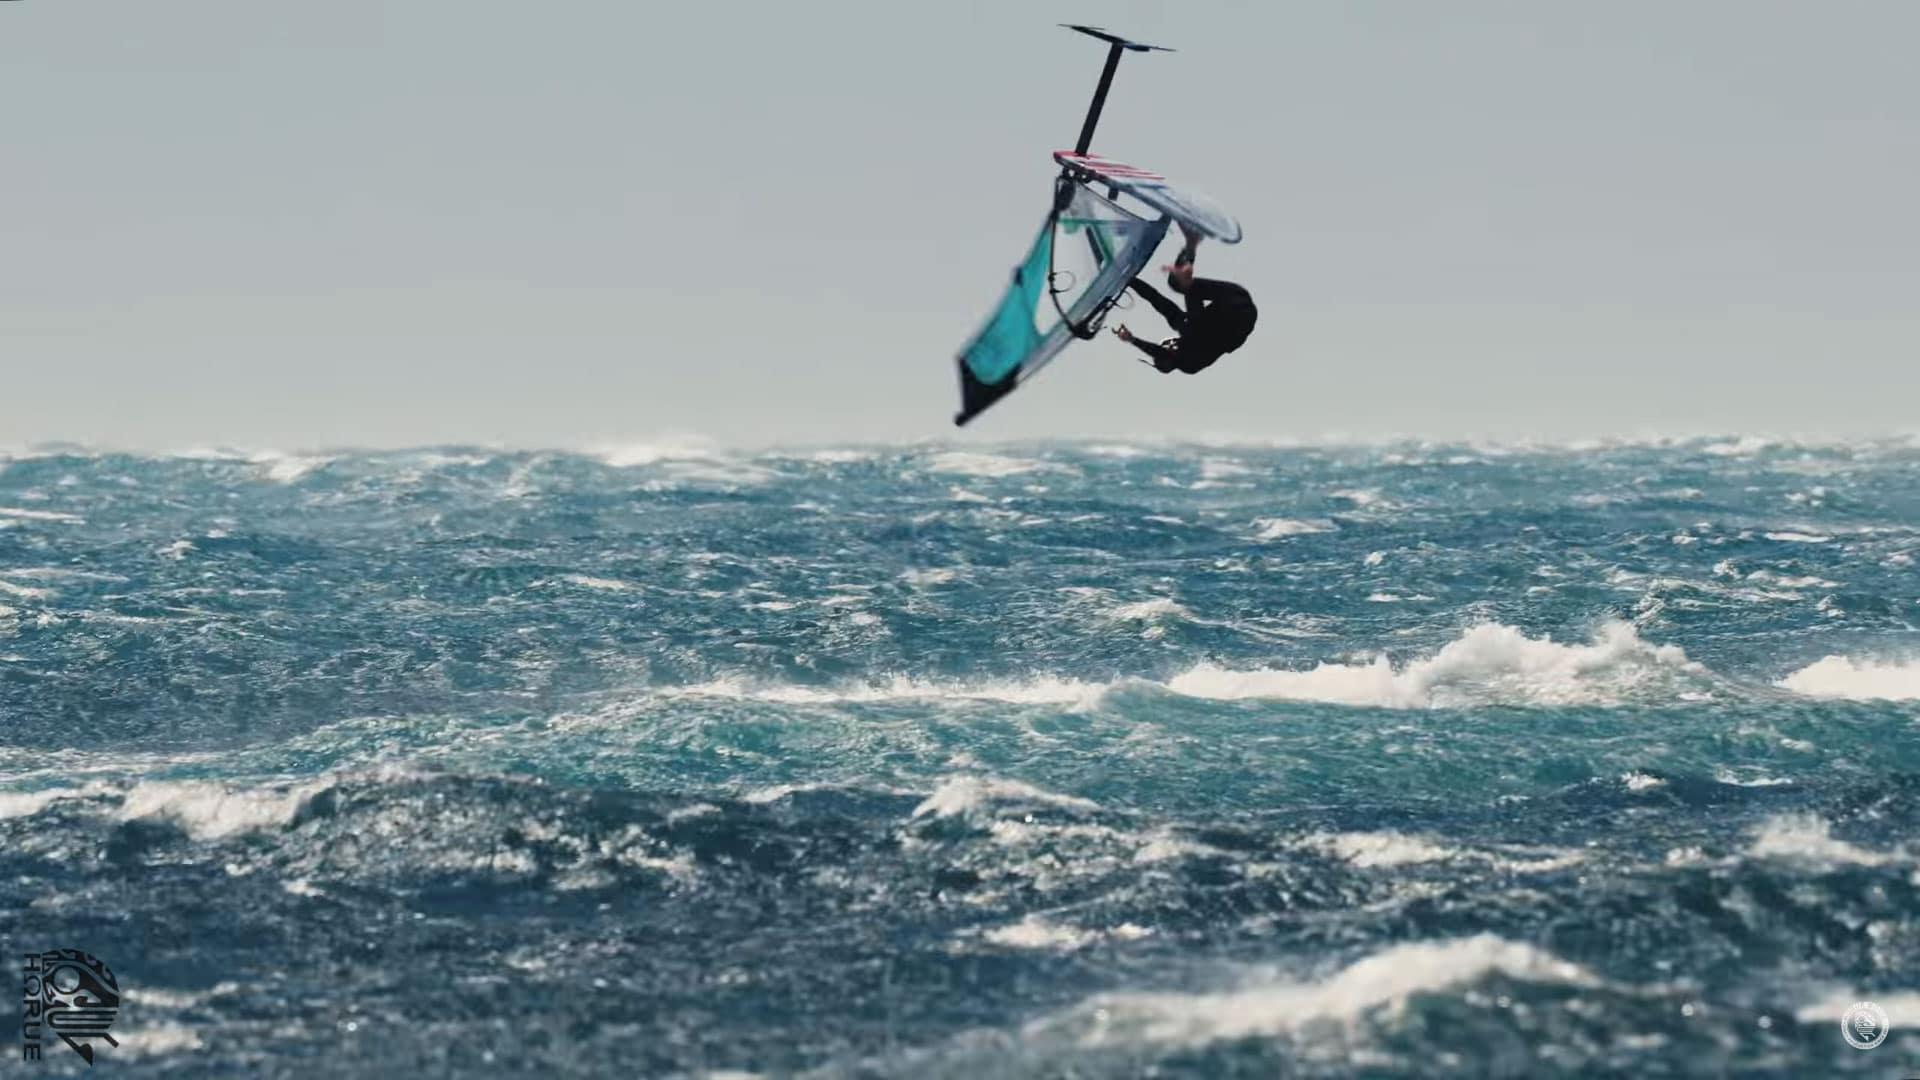 Nouvelle vidéo par Horue Movie, Storm windfoiling